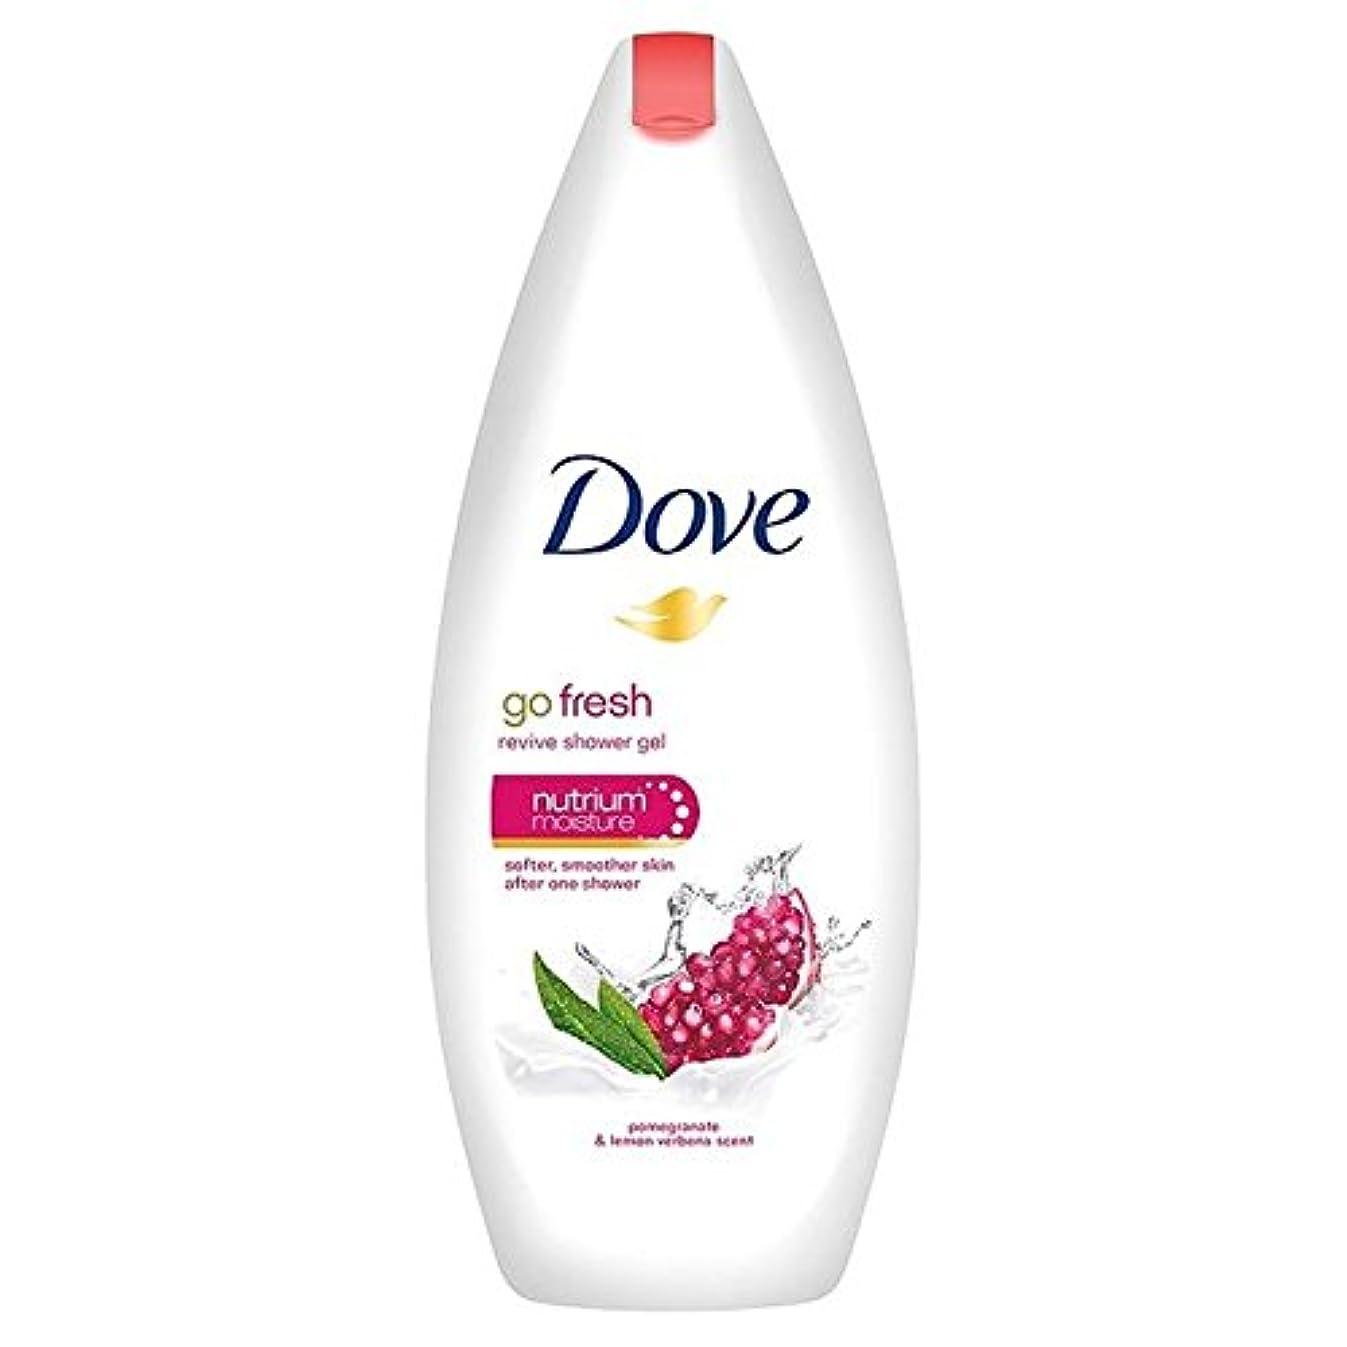 極めて容赦ない欠如Dove Go Fresh Pomegranate Body Wash 250ml (Pack of 6) - 鳩は、新鮮なザクロボディウォッシュ250ミリリットルを行きます x6 [並行輸入品]